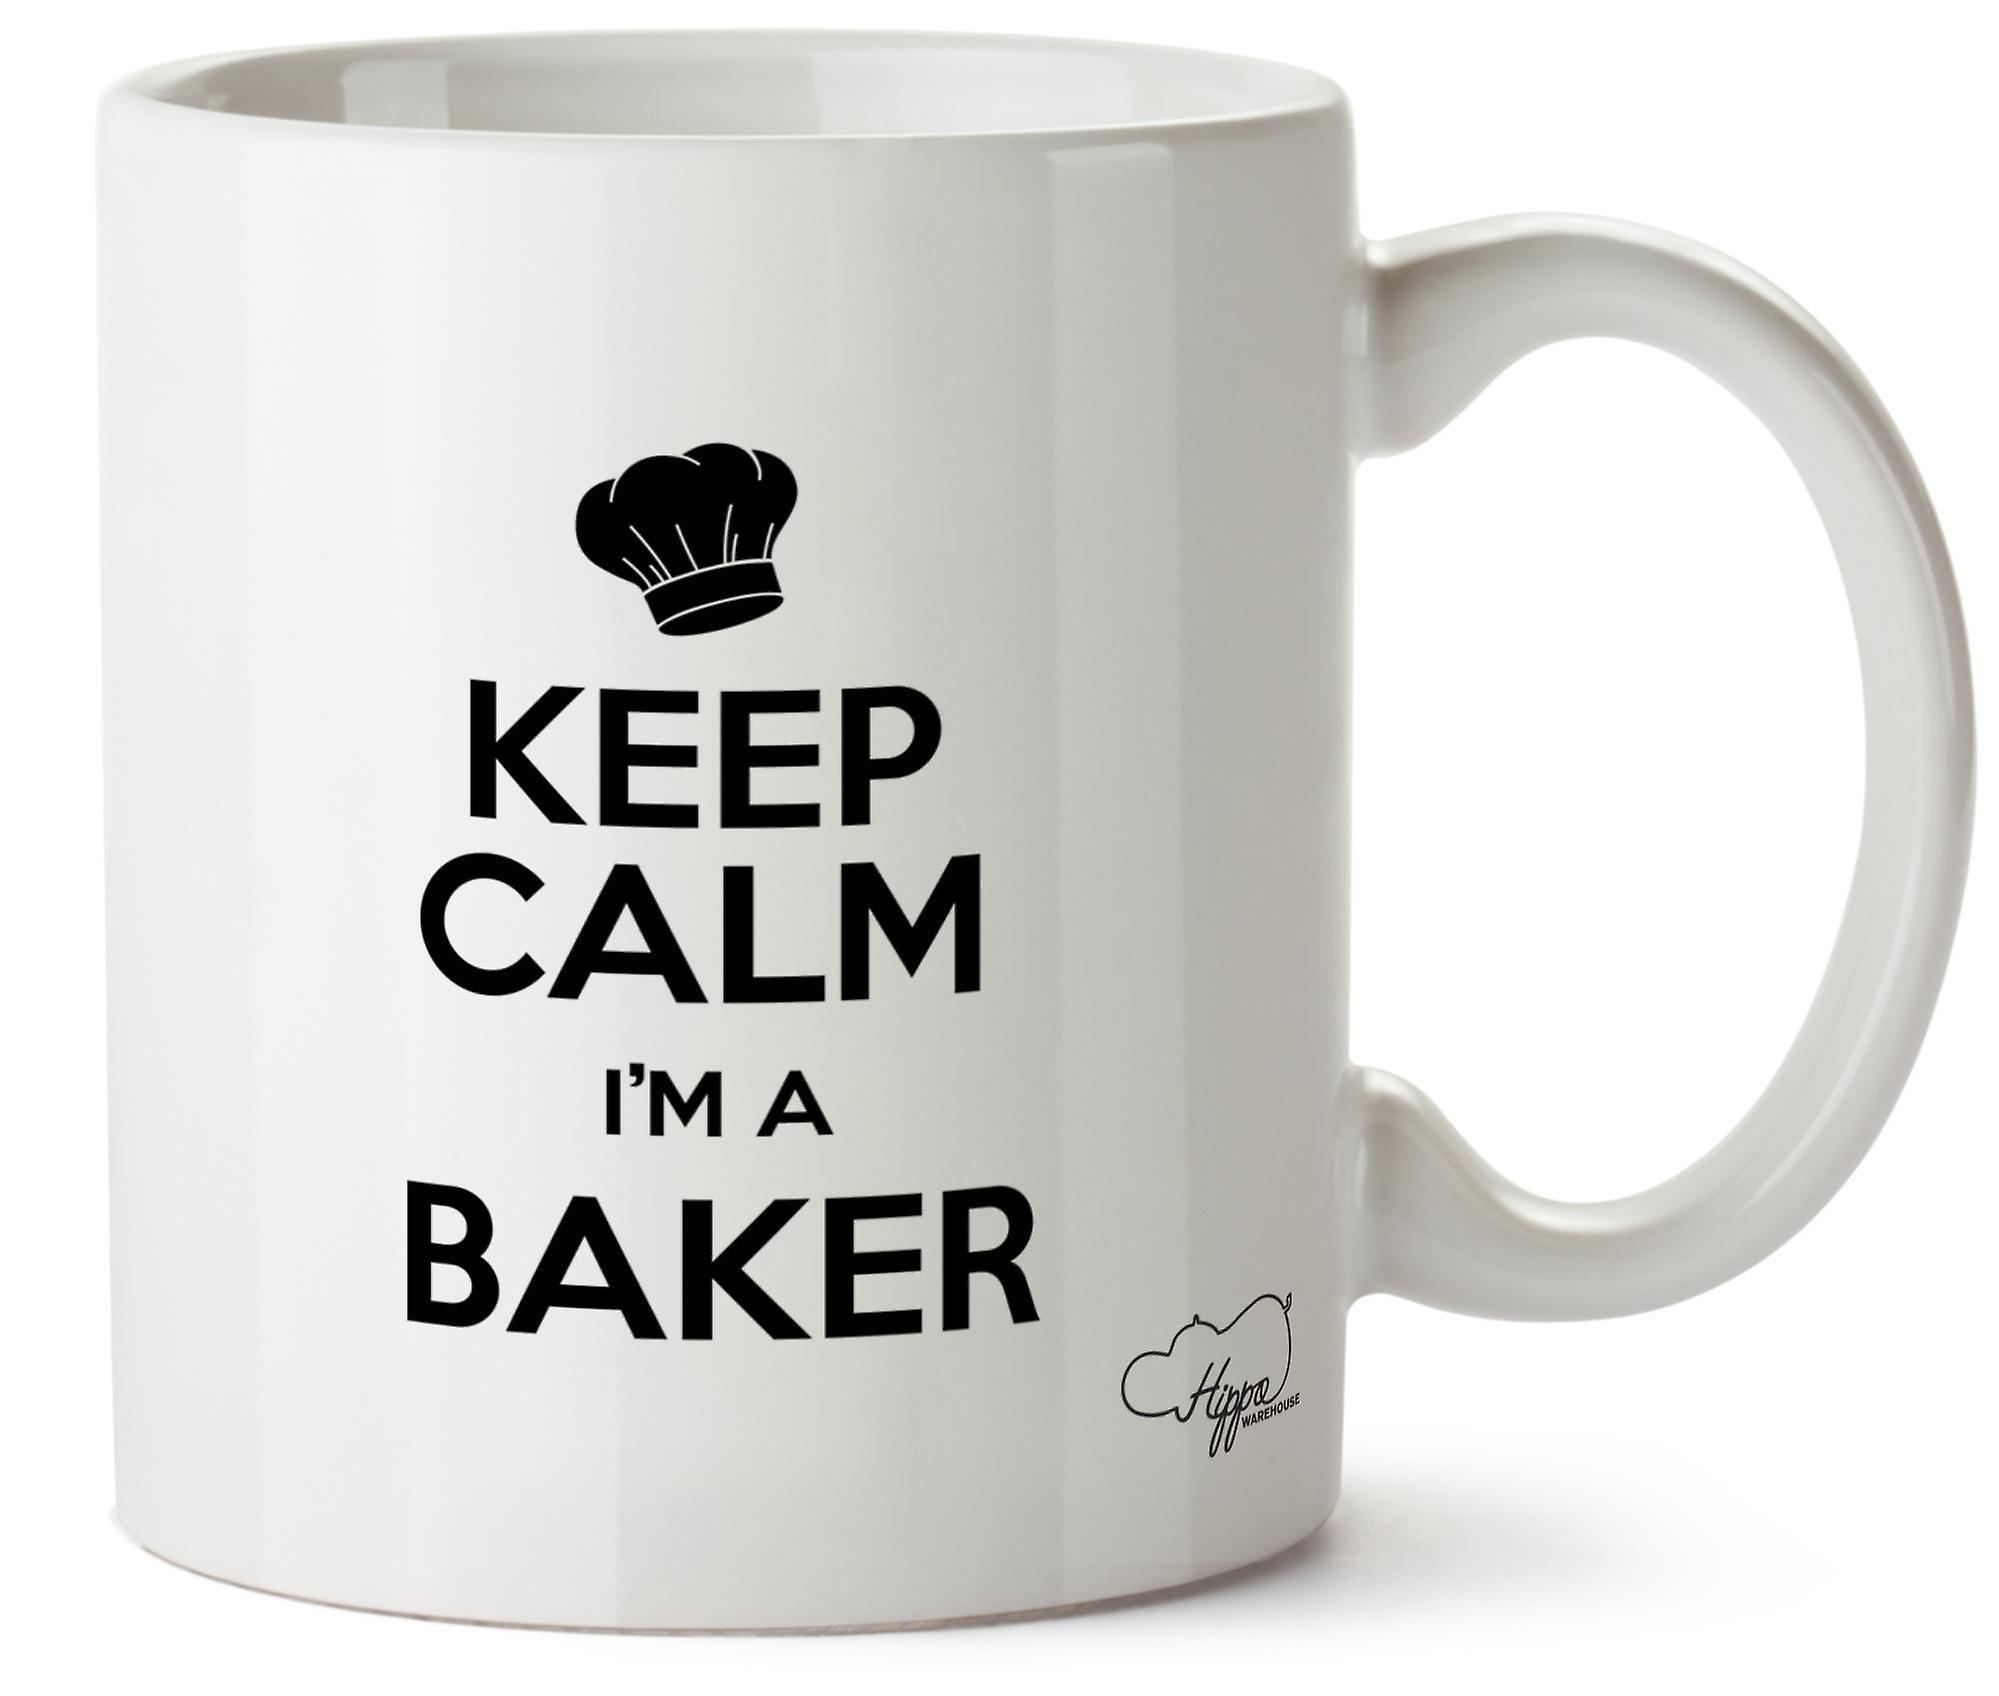 Hippowarehouse Keep Calm I'm A Baker Printed Mug Cup Ceramic 10oz